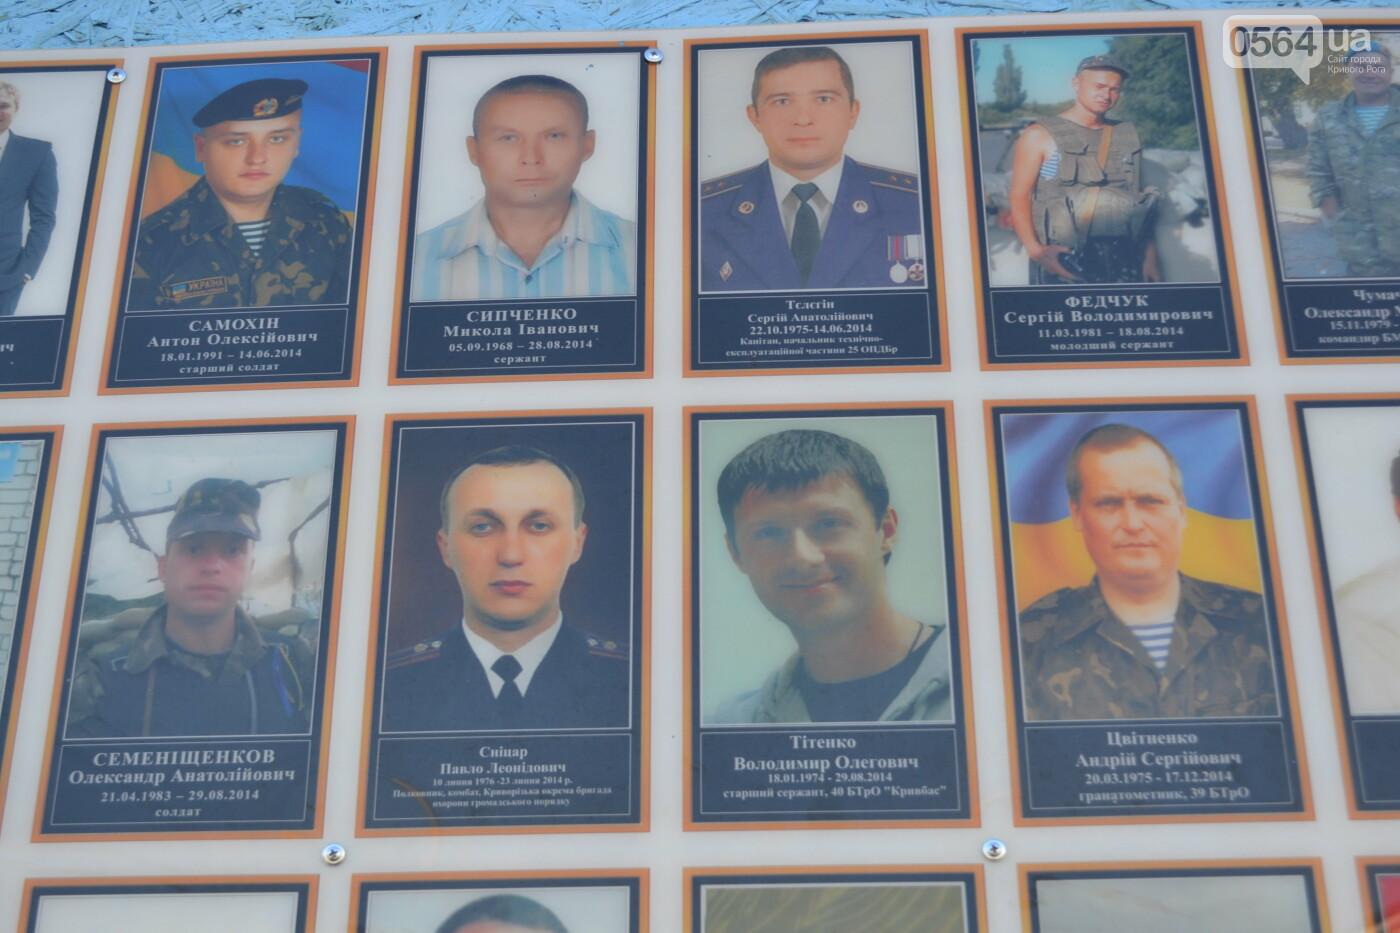 Поздравить живых, поклониться погибшим, - сегодня День защитника Украины, - ФОТО, фото-6